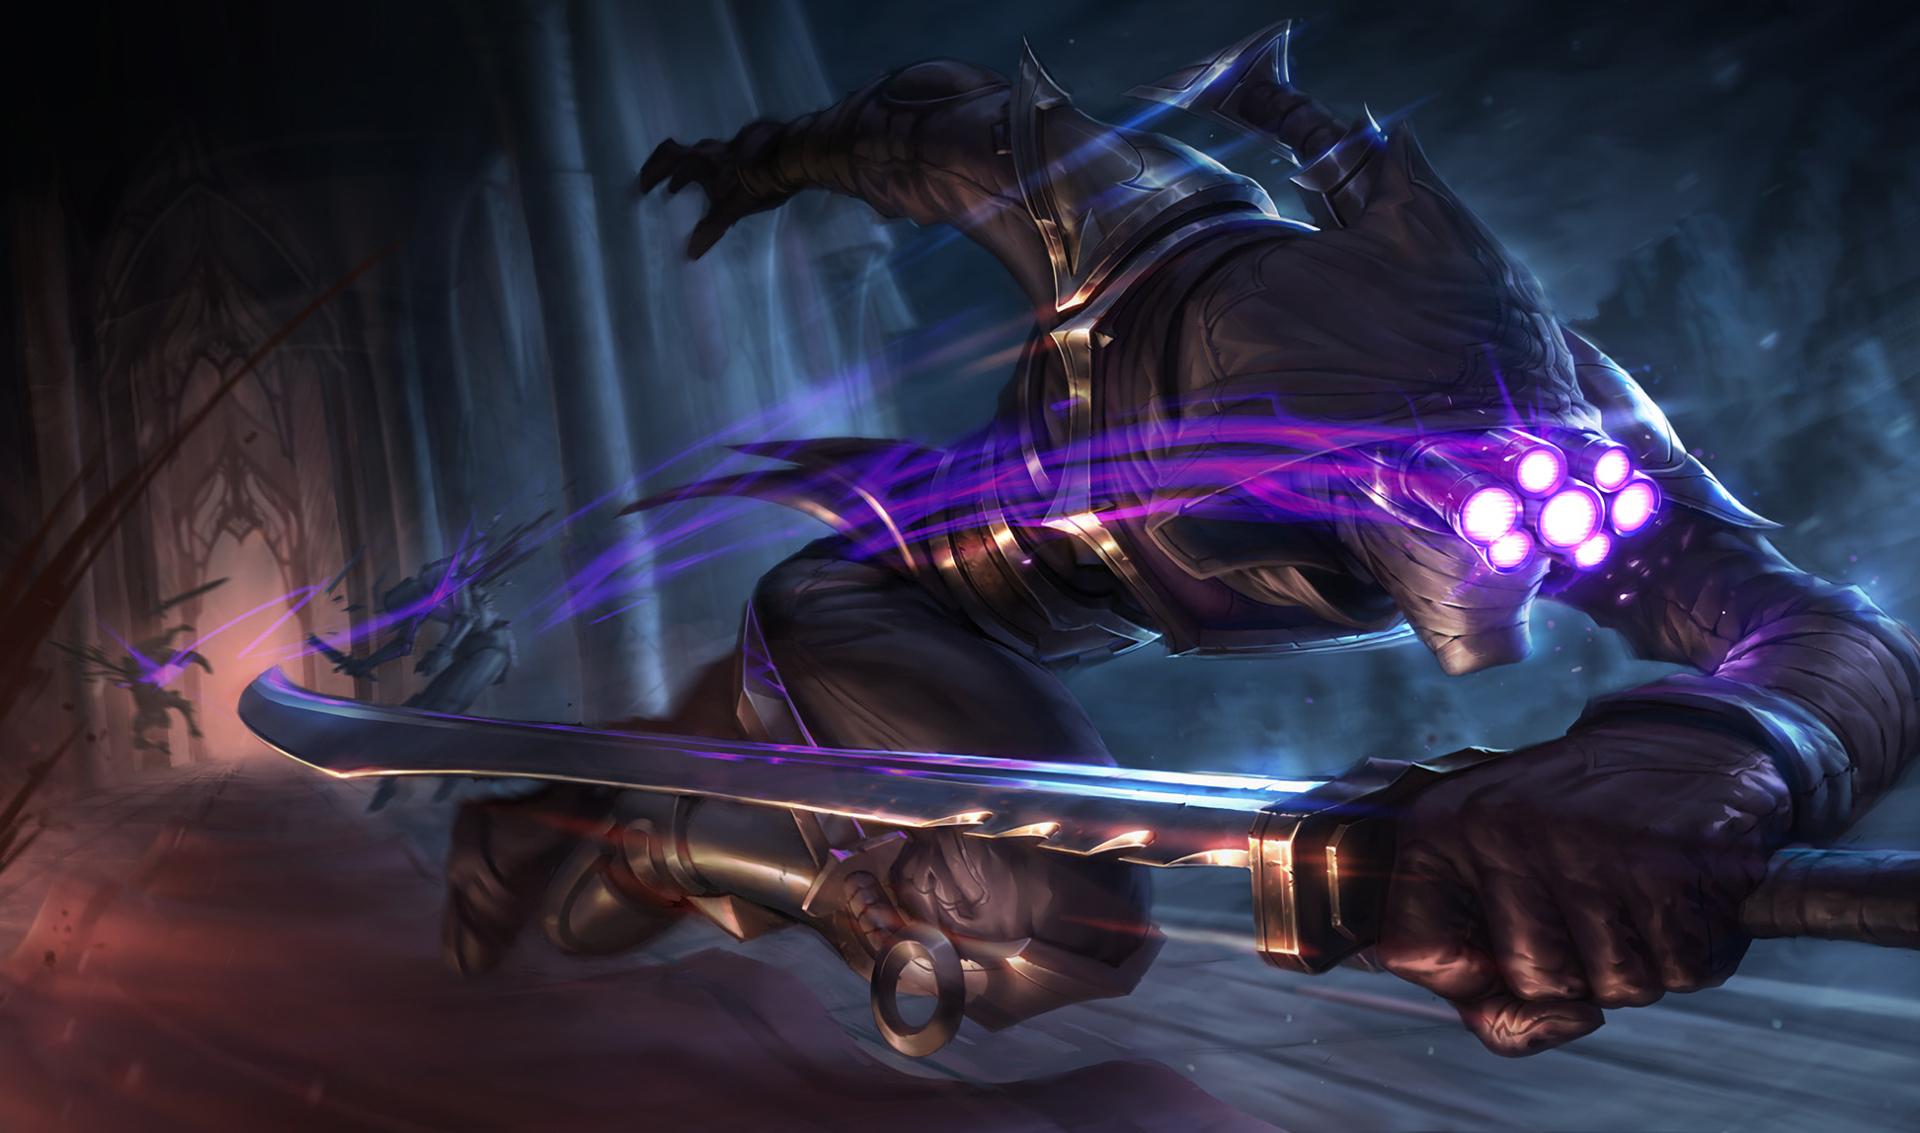 Assassin-Master-Yi-League-Of-Legends-Wallpaper-HD-1920x1080